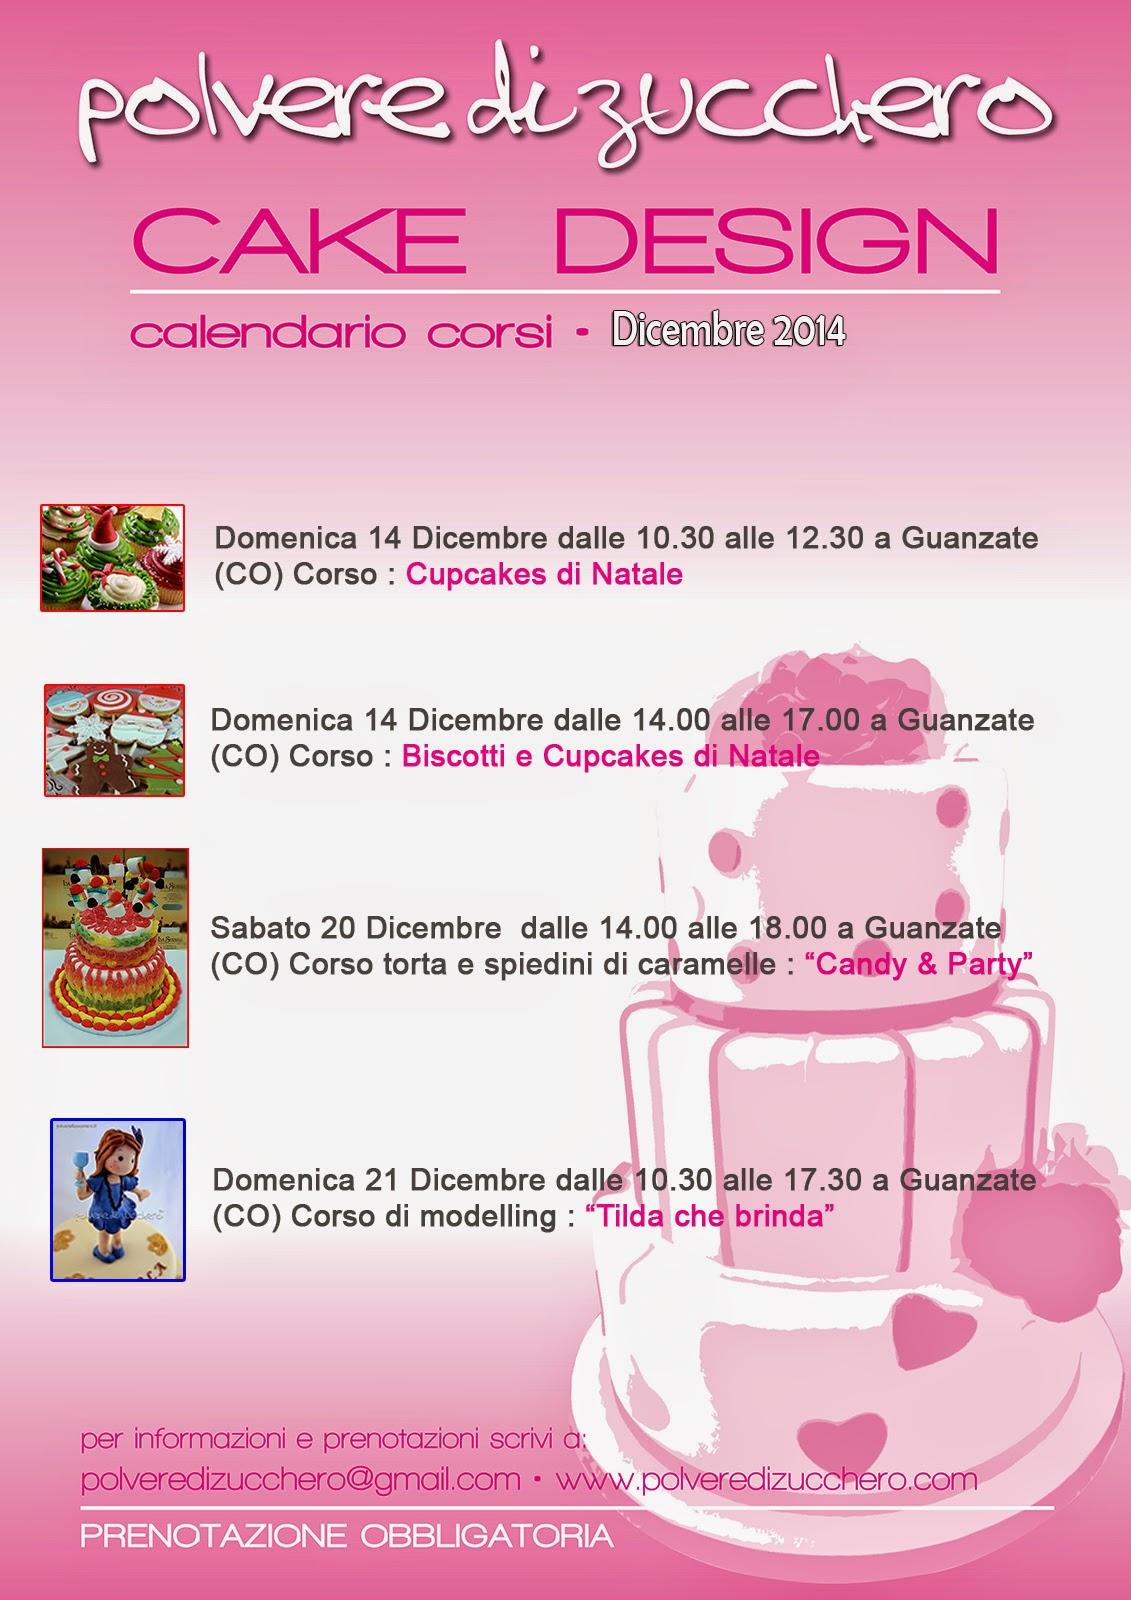 corsi di cake design: dicembre e nuovi corsi per torte di caramelle